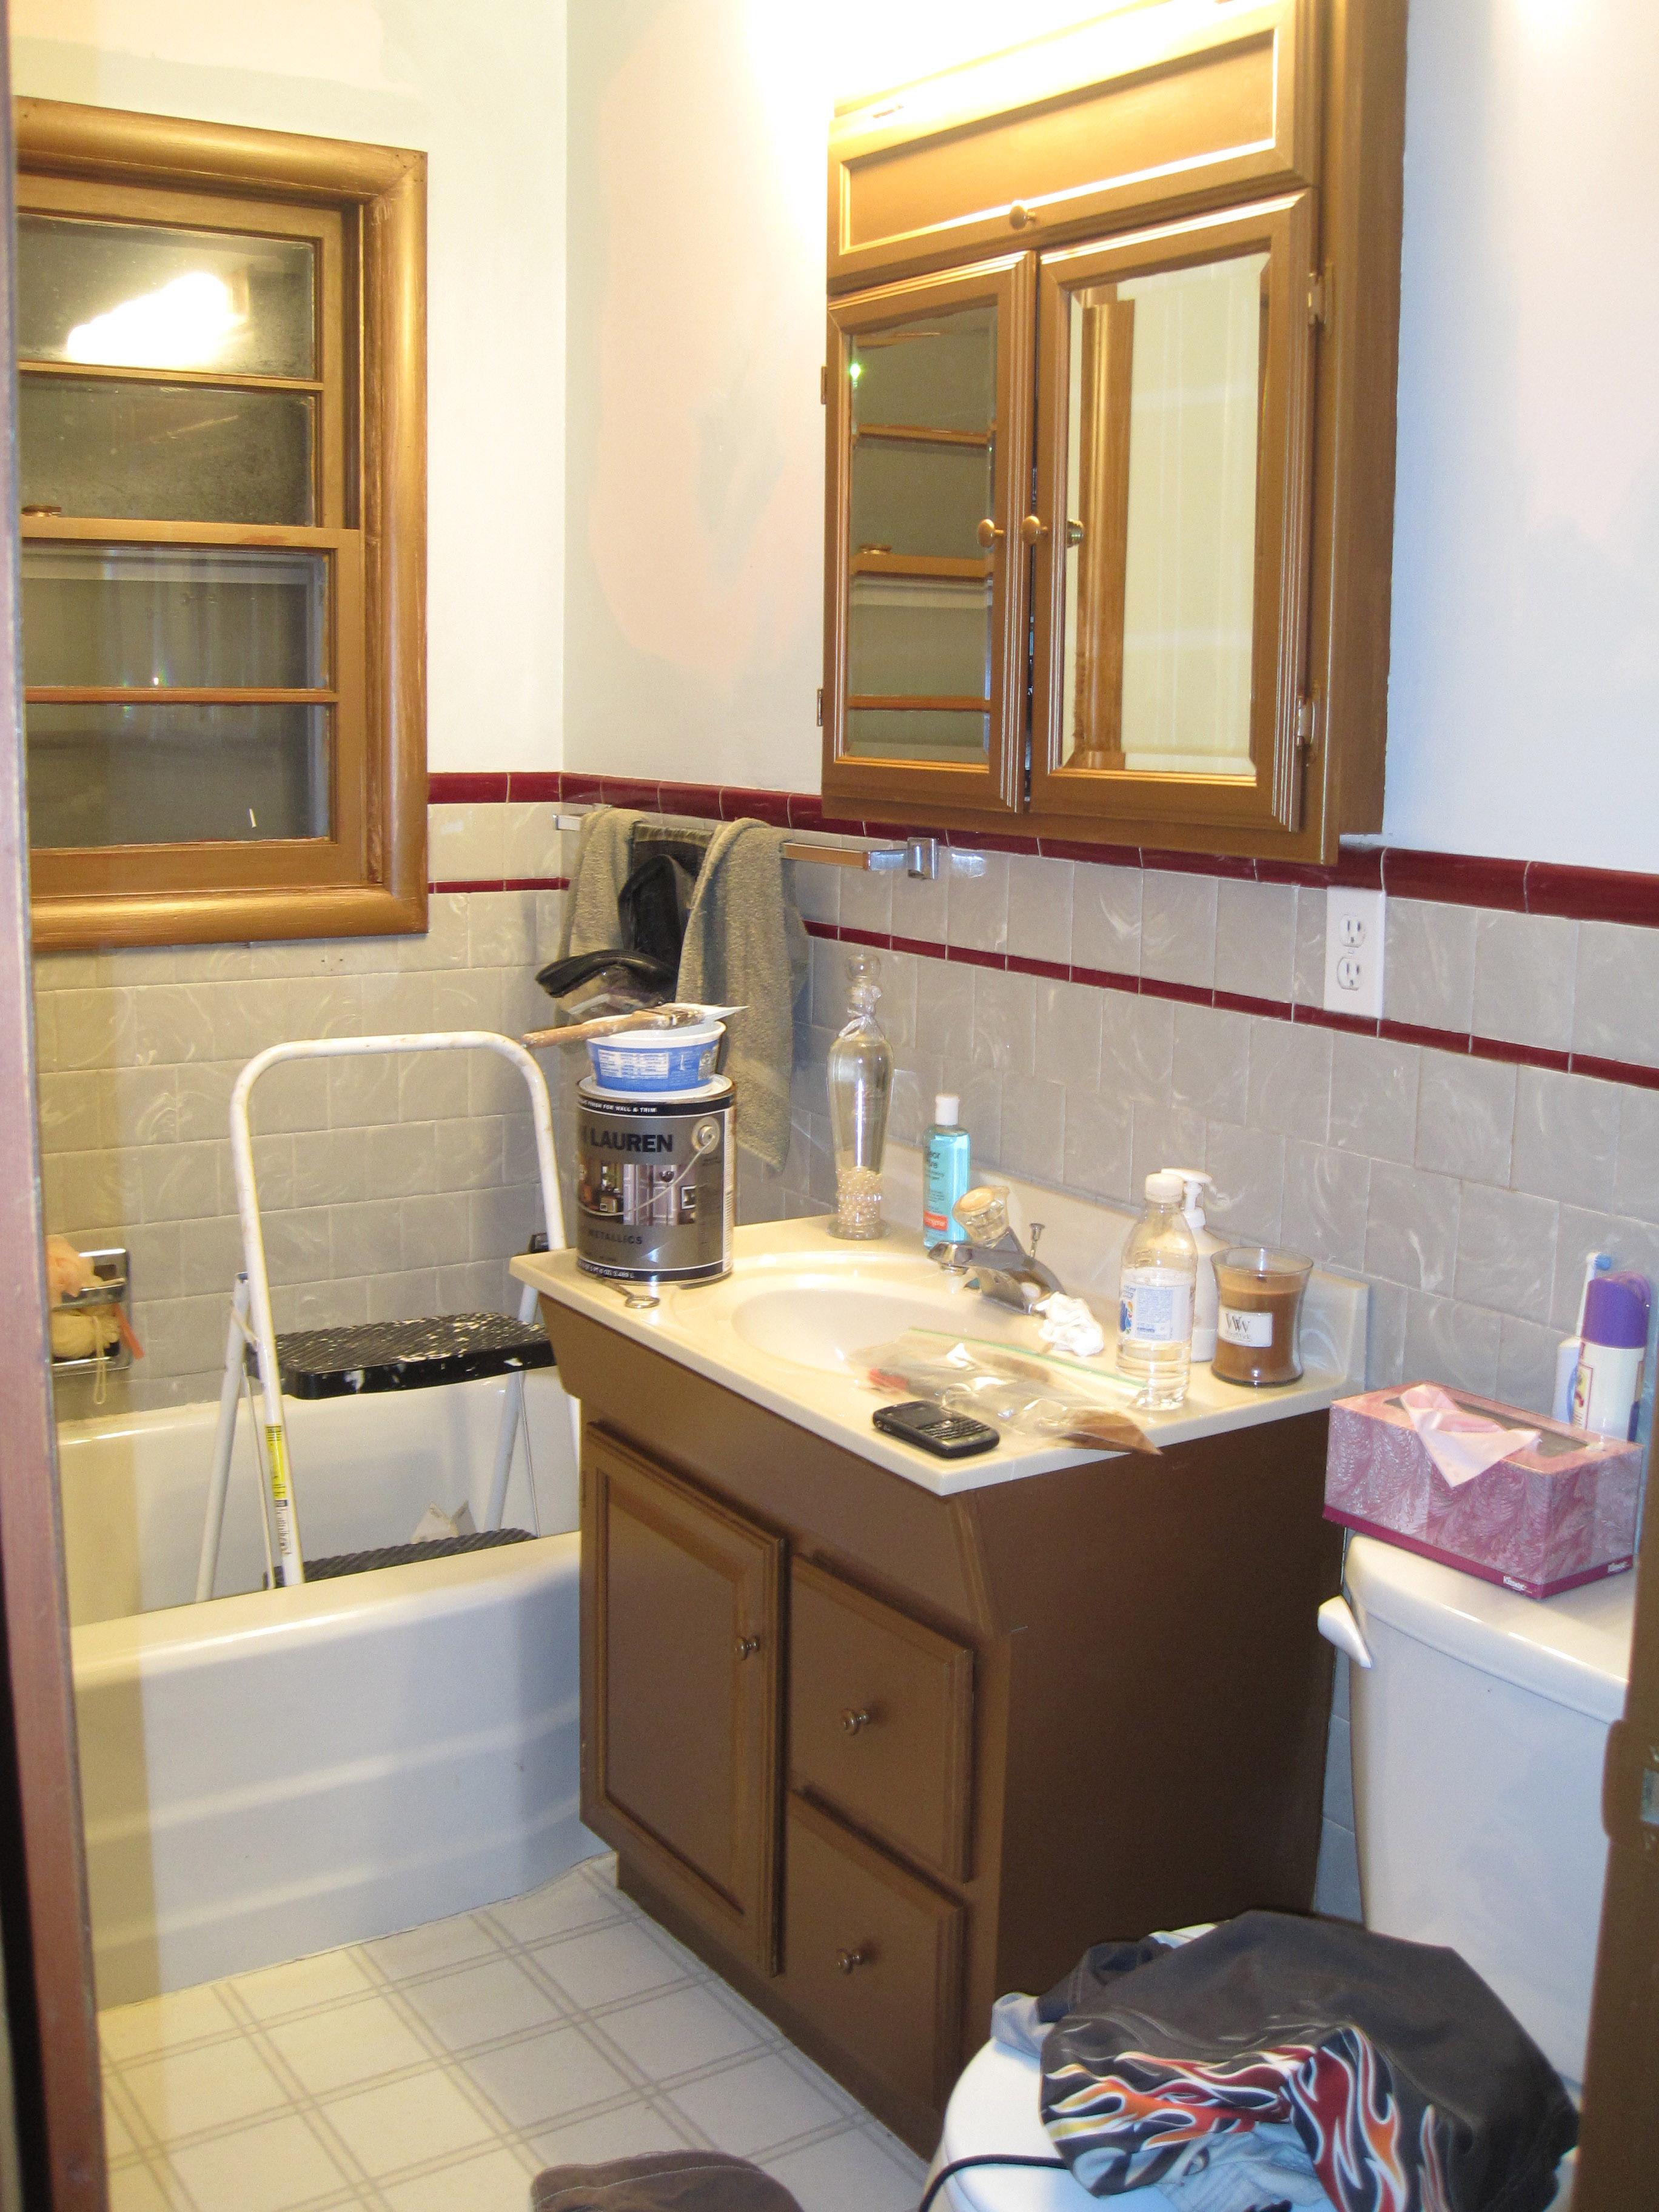 01-01-10-bath-3.jpg